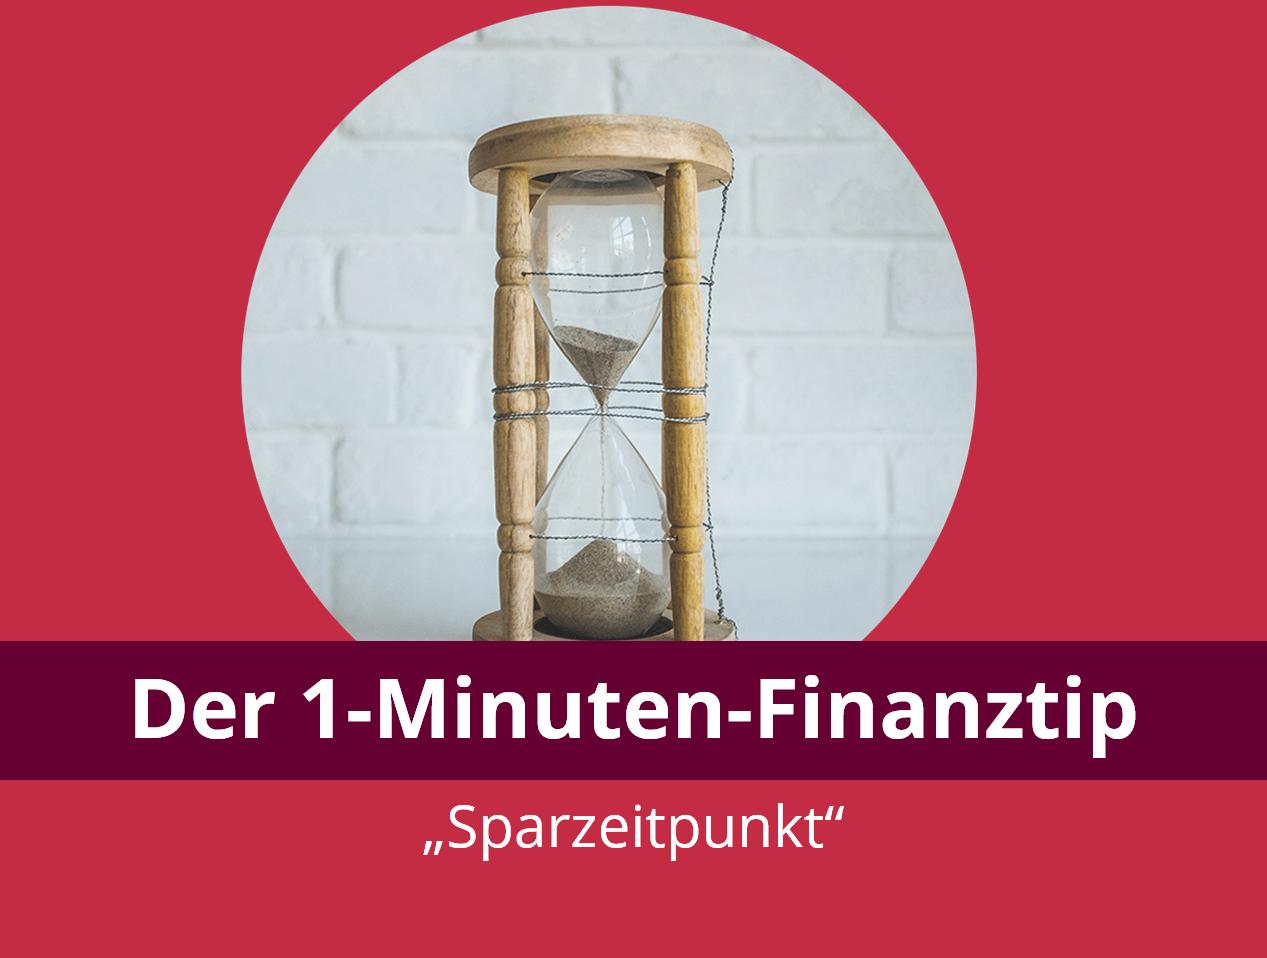 Der 1-Minuten-Finanztipp: Überdenke deinen Sparzeitpunkt